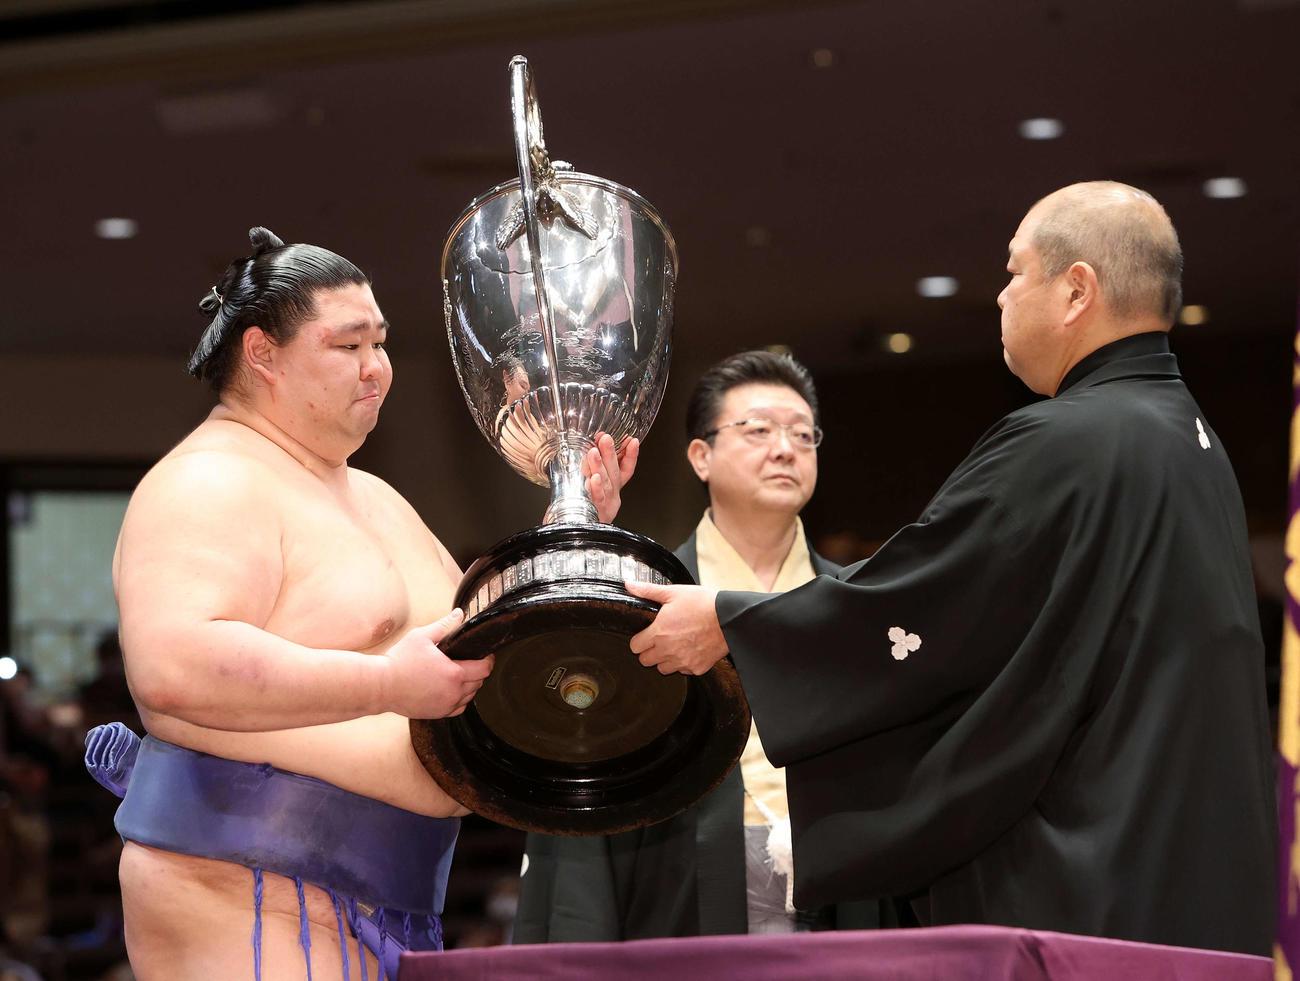 八角理事長(右)から優勝賜杯を受け取る正代(撮影・鈴木正人)